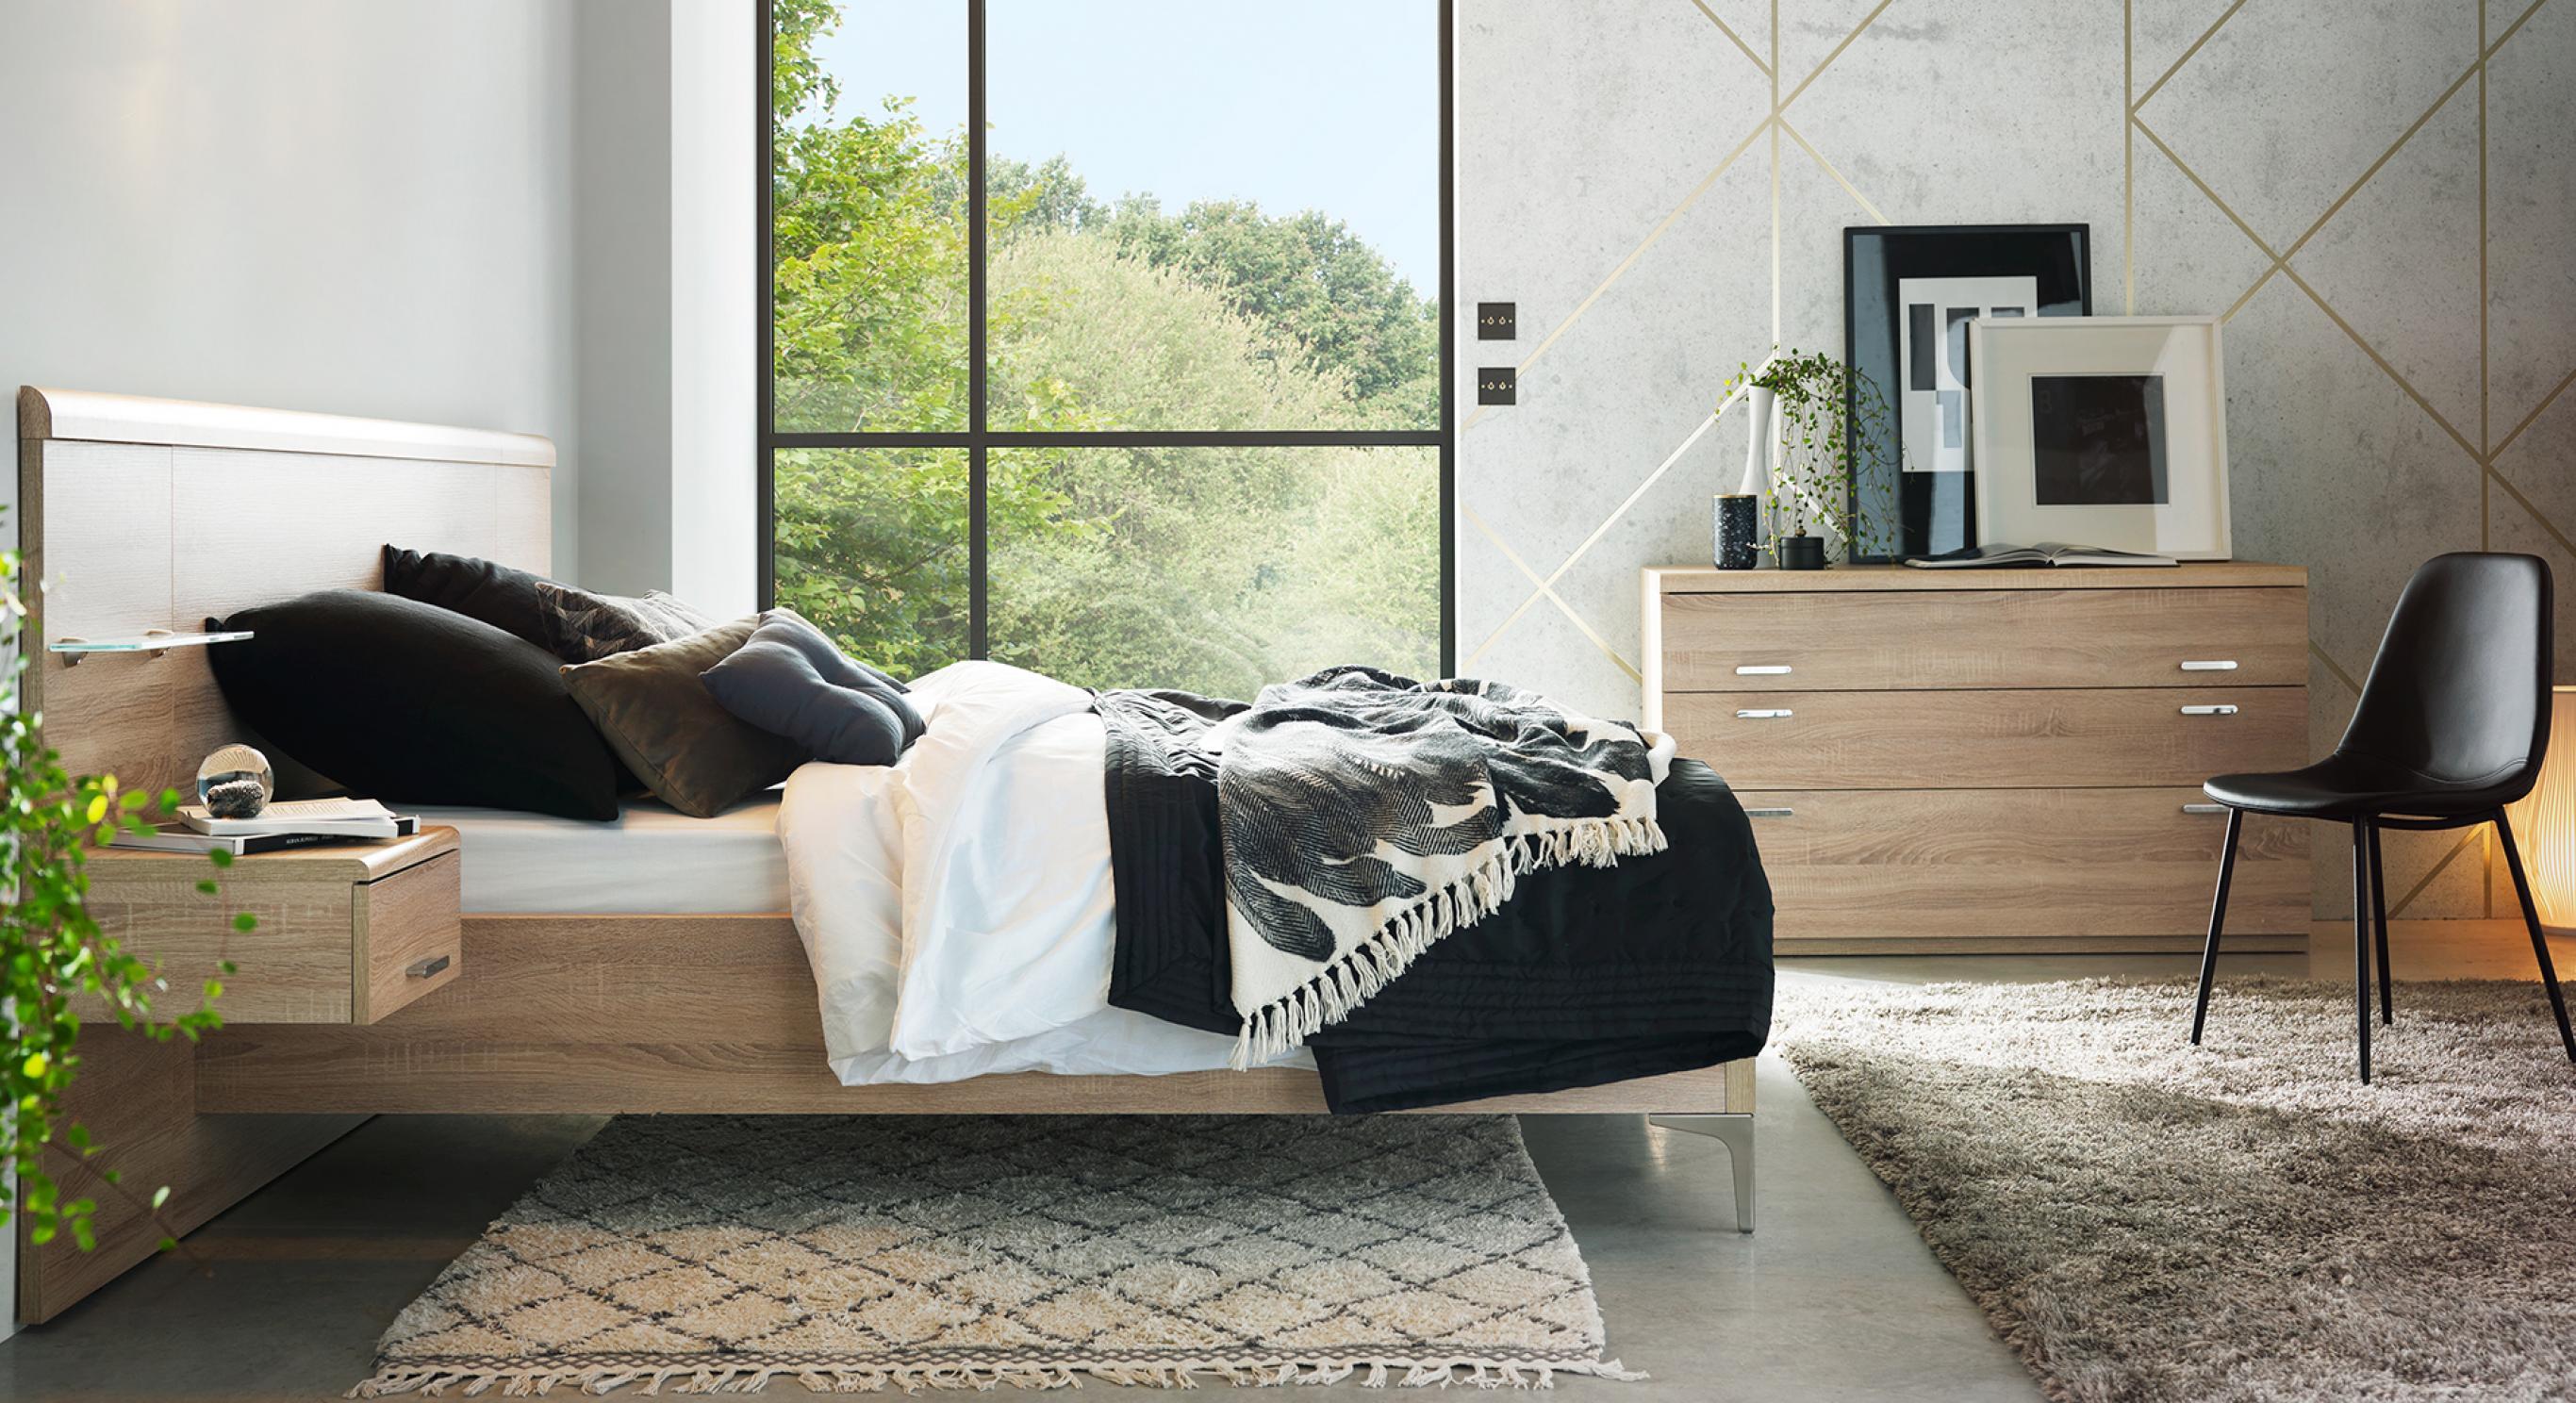 Armoire Murale Pour Chambre fabricant français de meubles sur-mesure depuis 1952